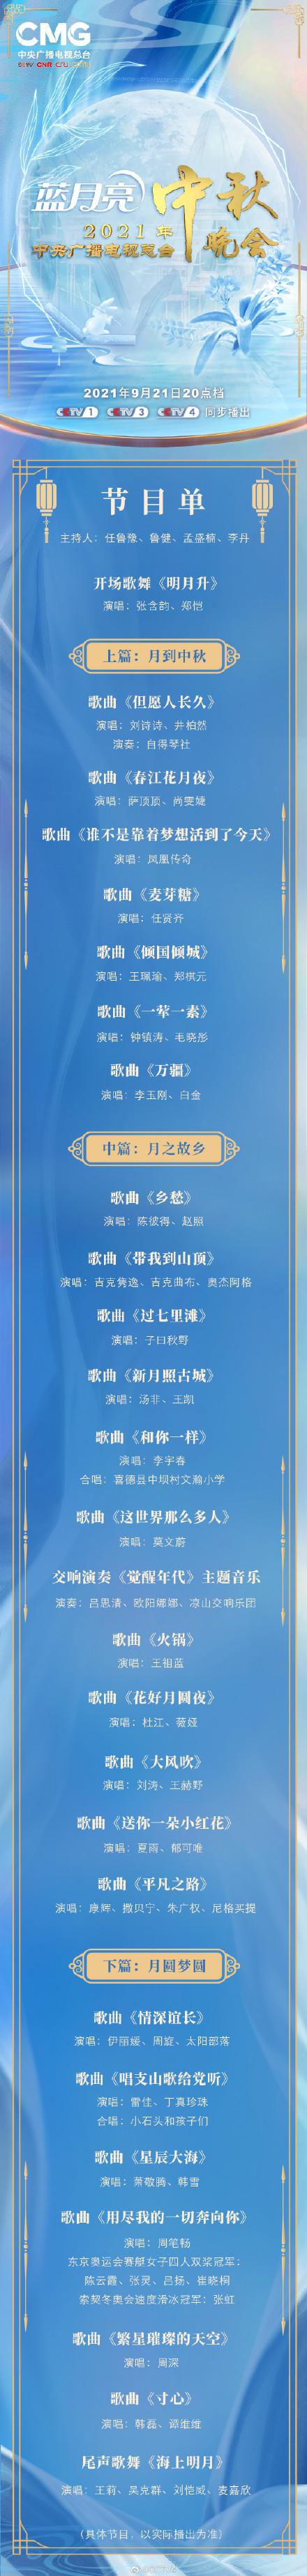 2021央视中秋晚会节目单公布李宇春刘诗诗等献唱